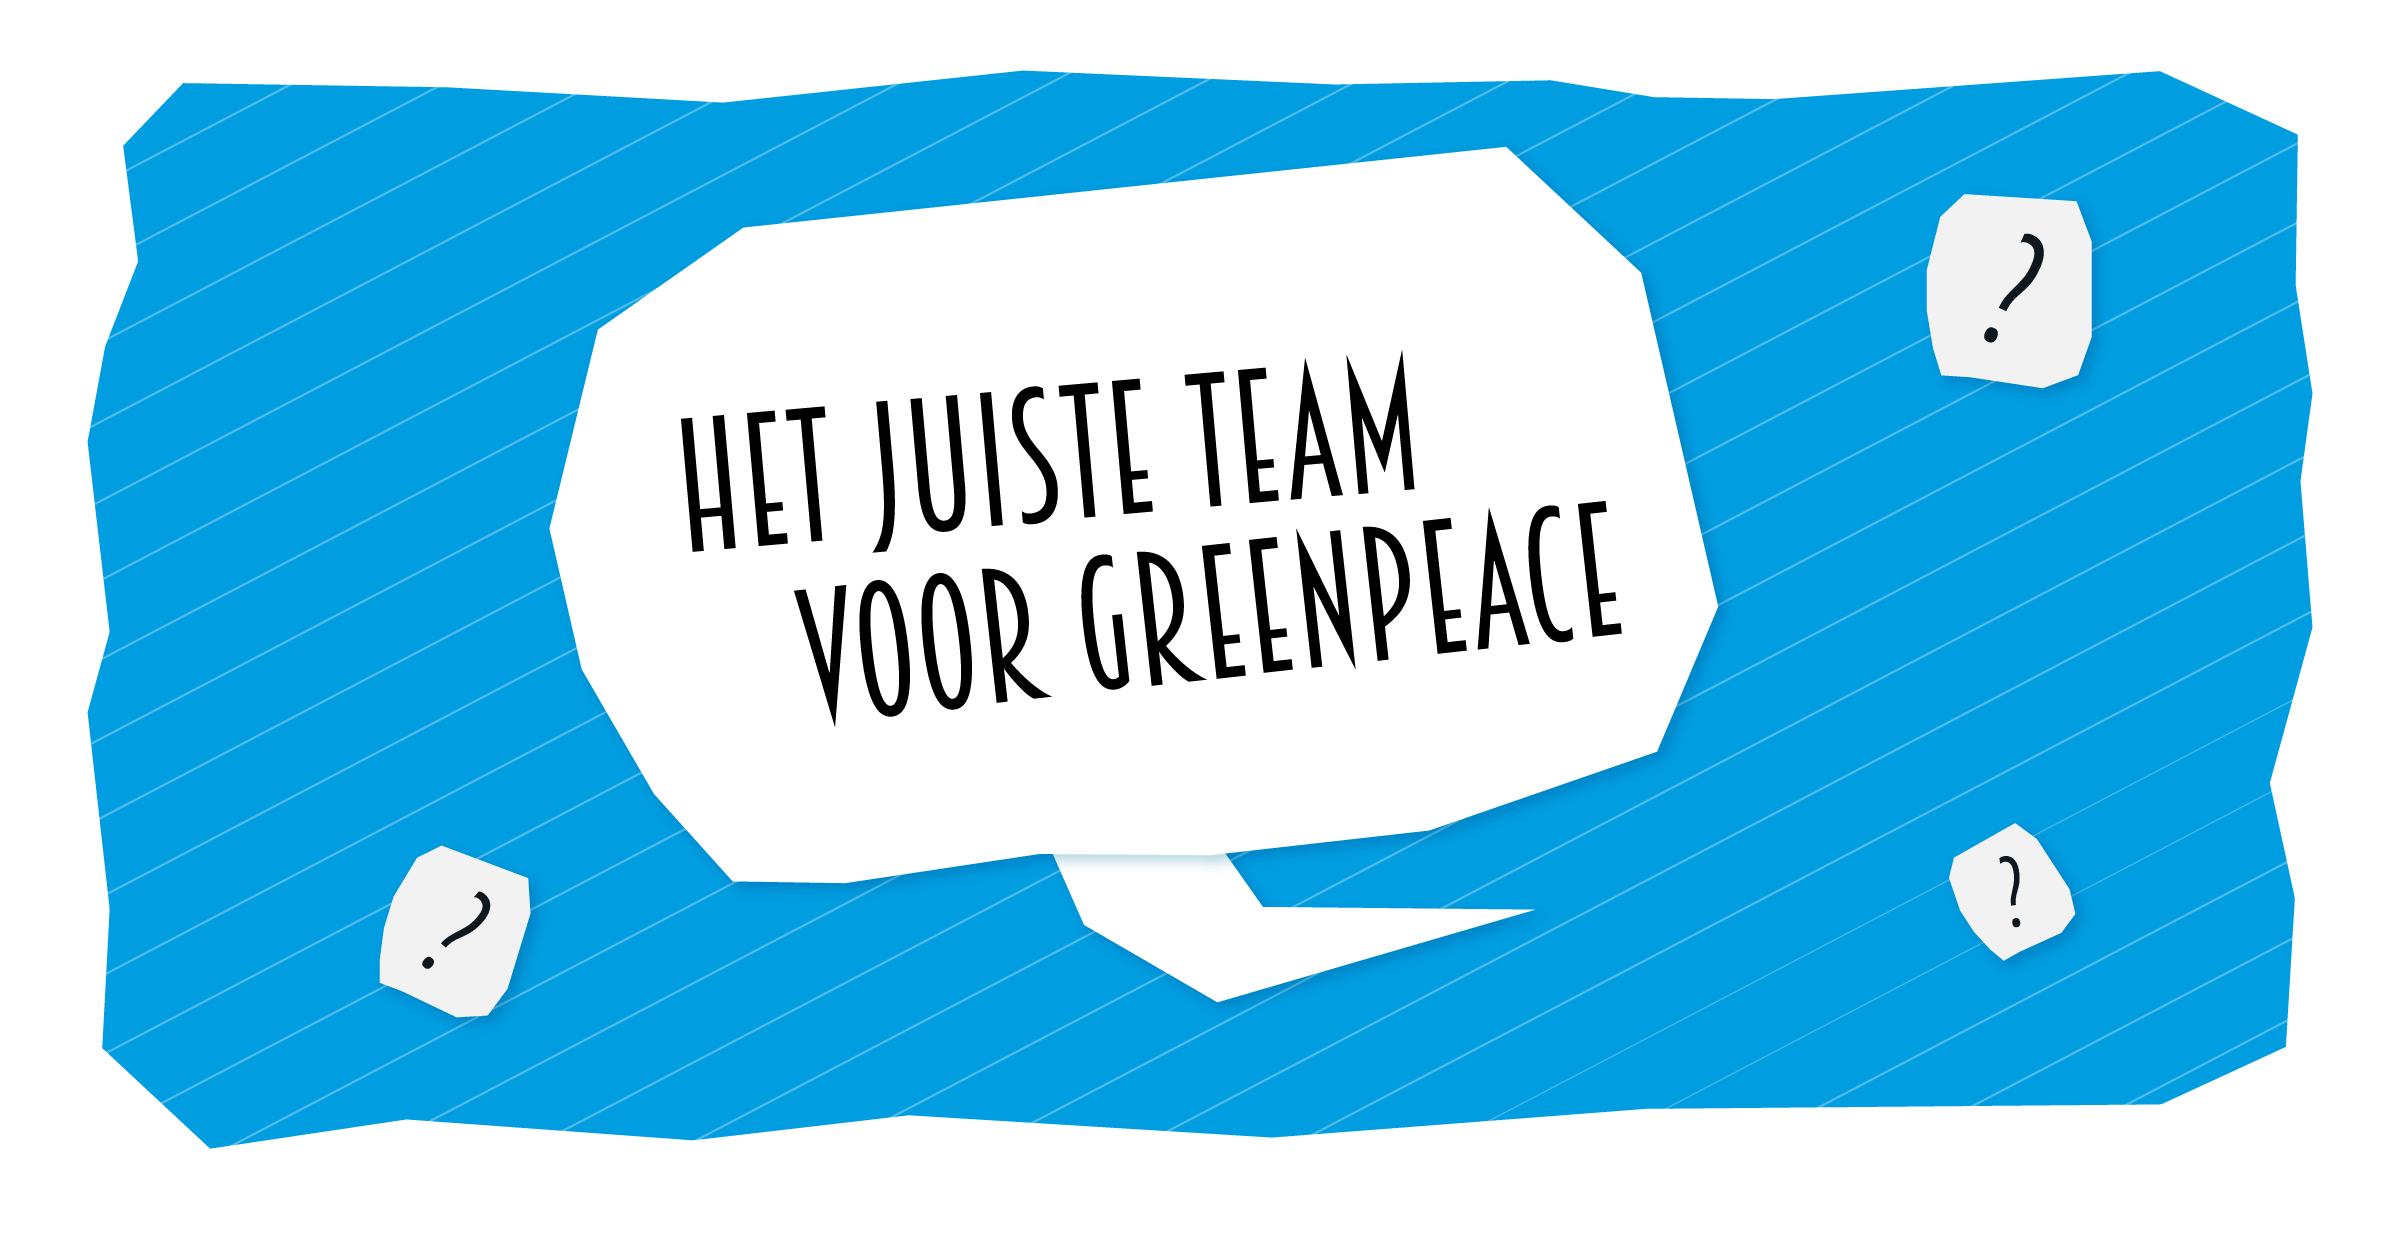 De juiste persoon voor greenpeace